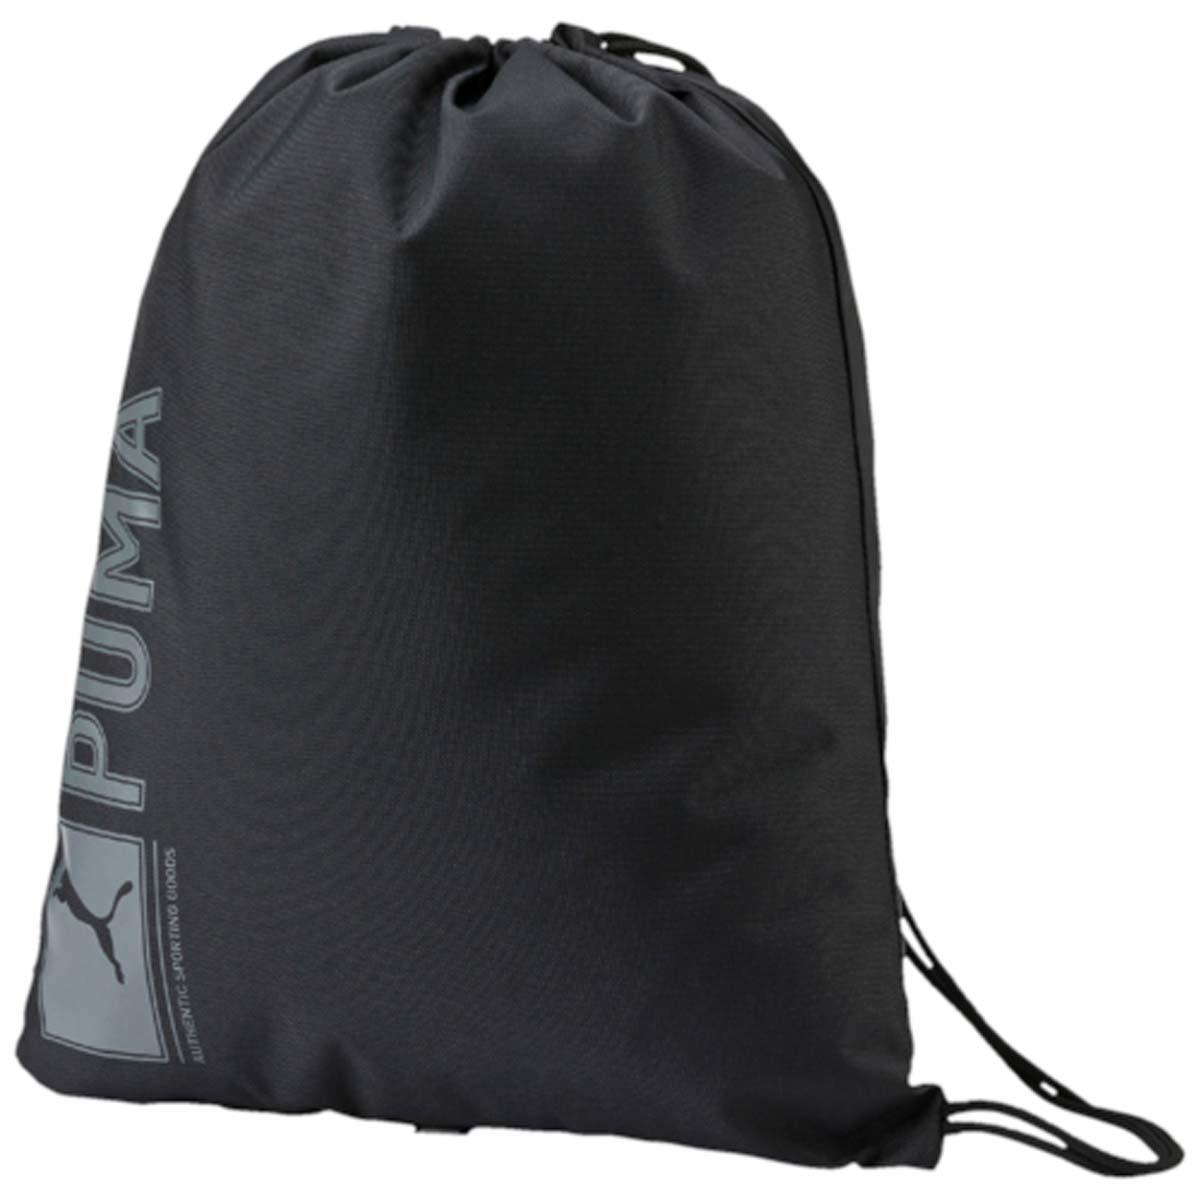 Рюкзак Puma Pioneer Gym Sack, цвет: черный. 07346801. 07346801